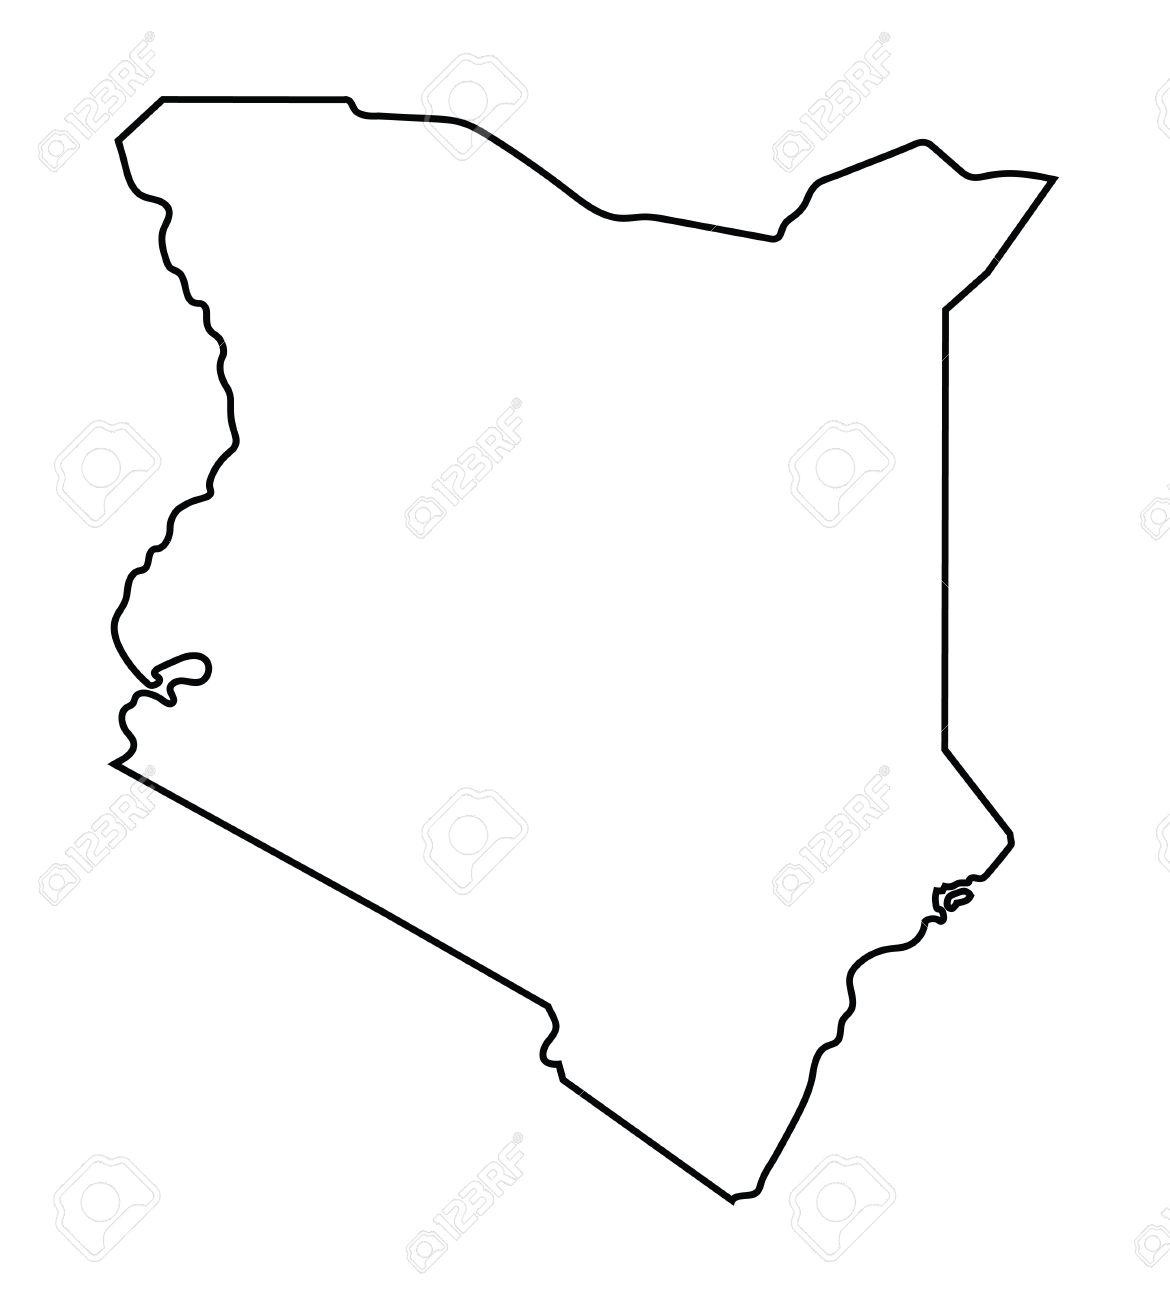 Black Abstract Outline Of Kenya Map Royalty Free Cliparts Vectors - Kenya map